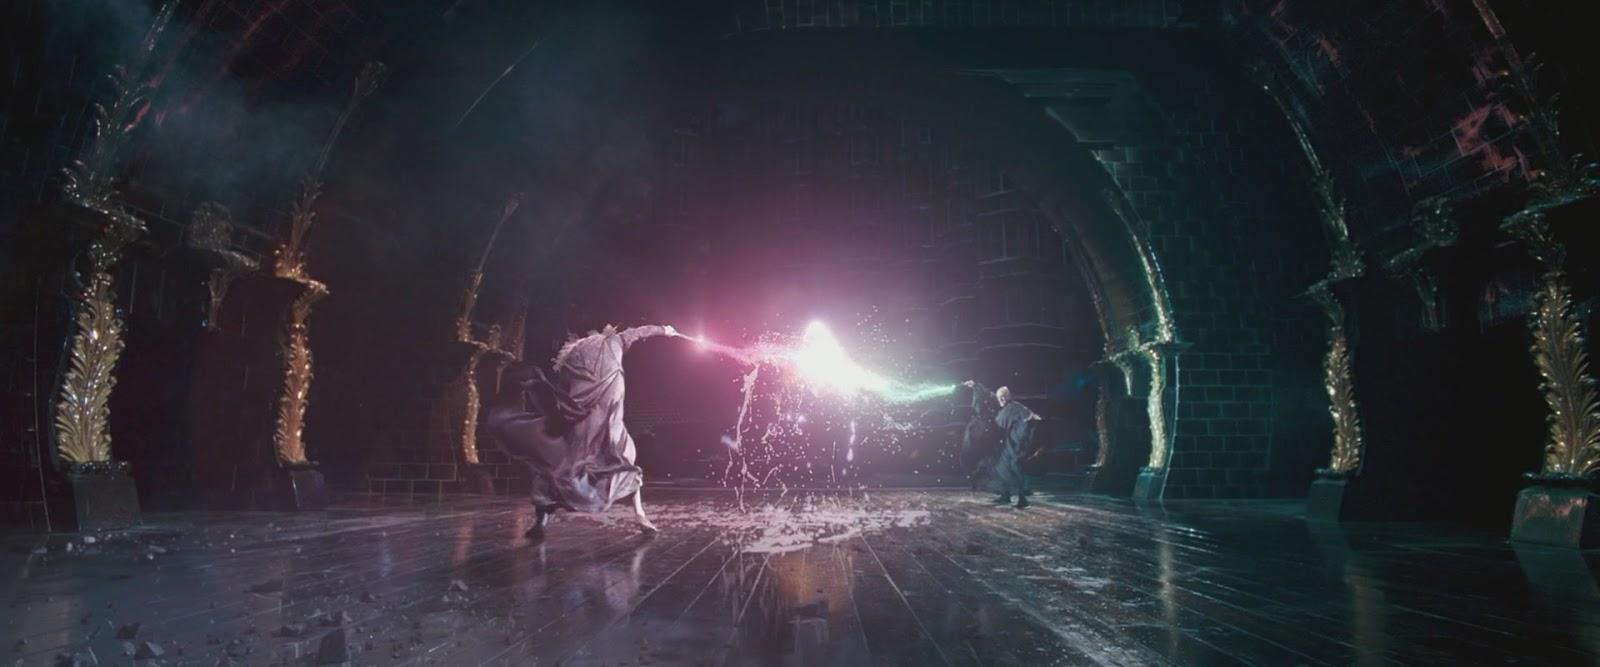 image dumbledore dueling - photo #10